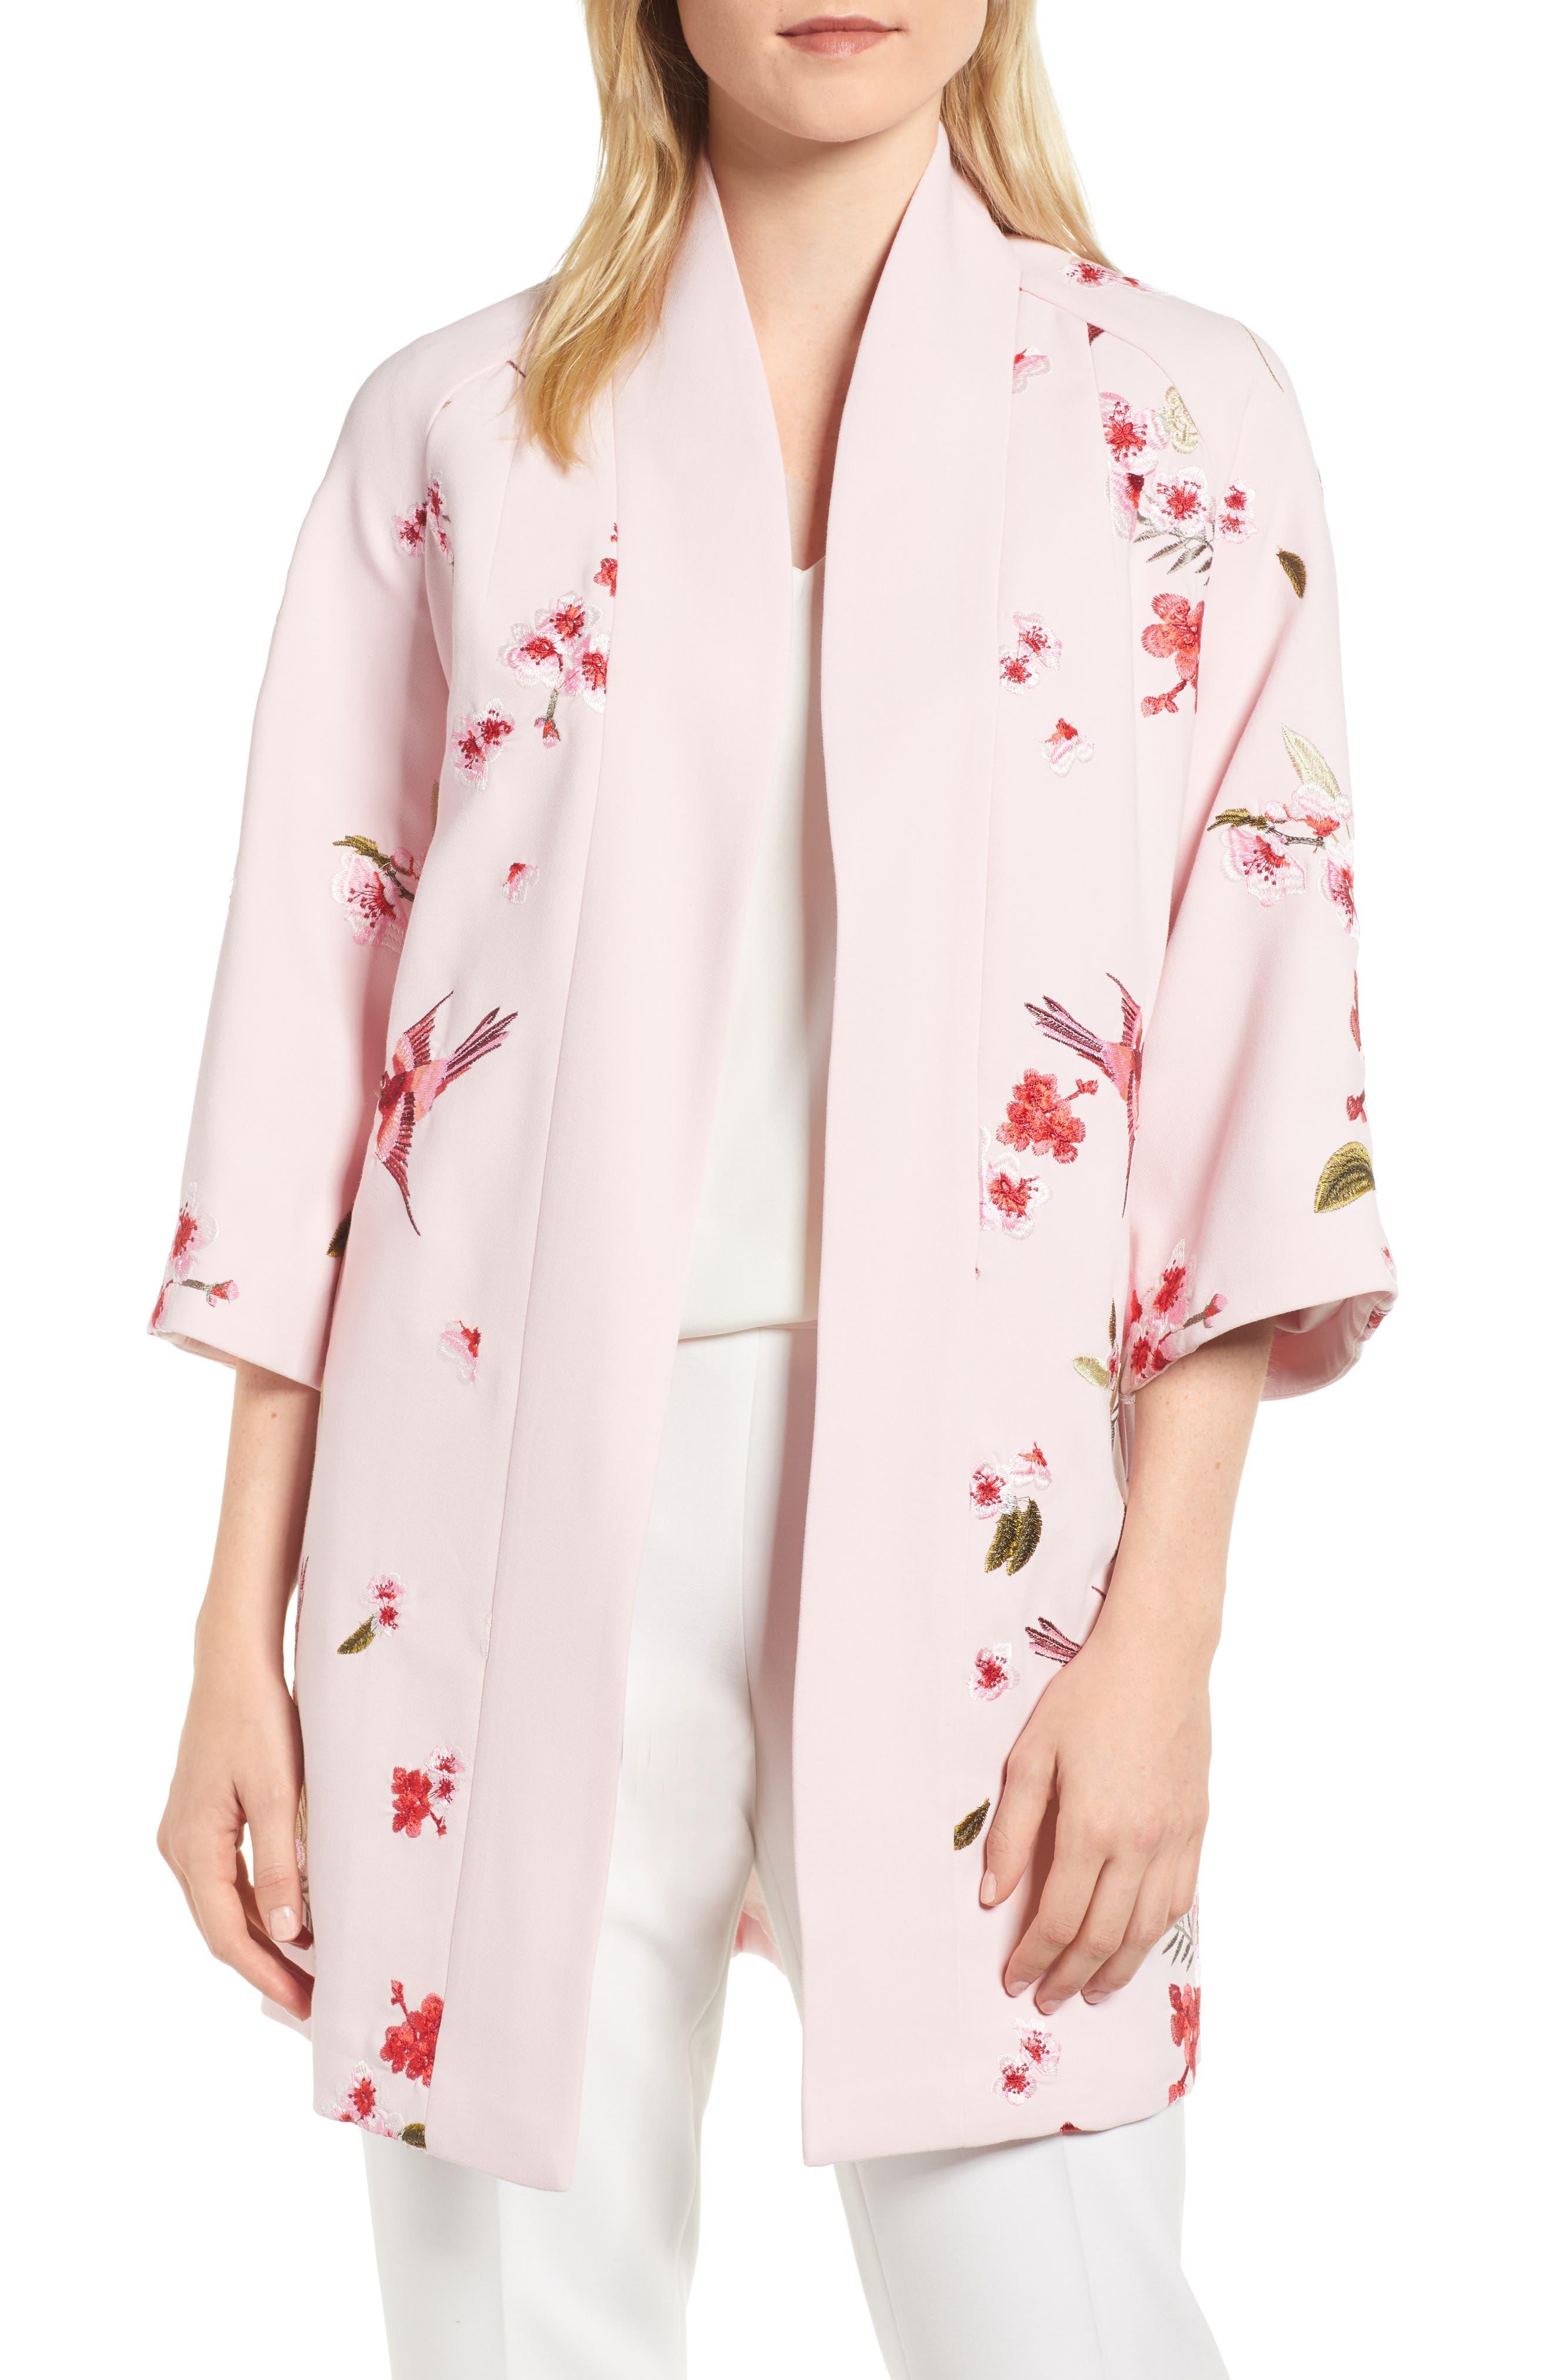 Bird & Blossom Spring Kimono,                         Main,                         color,